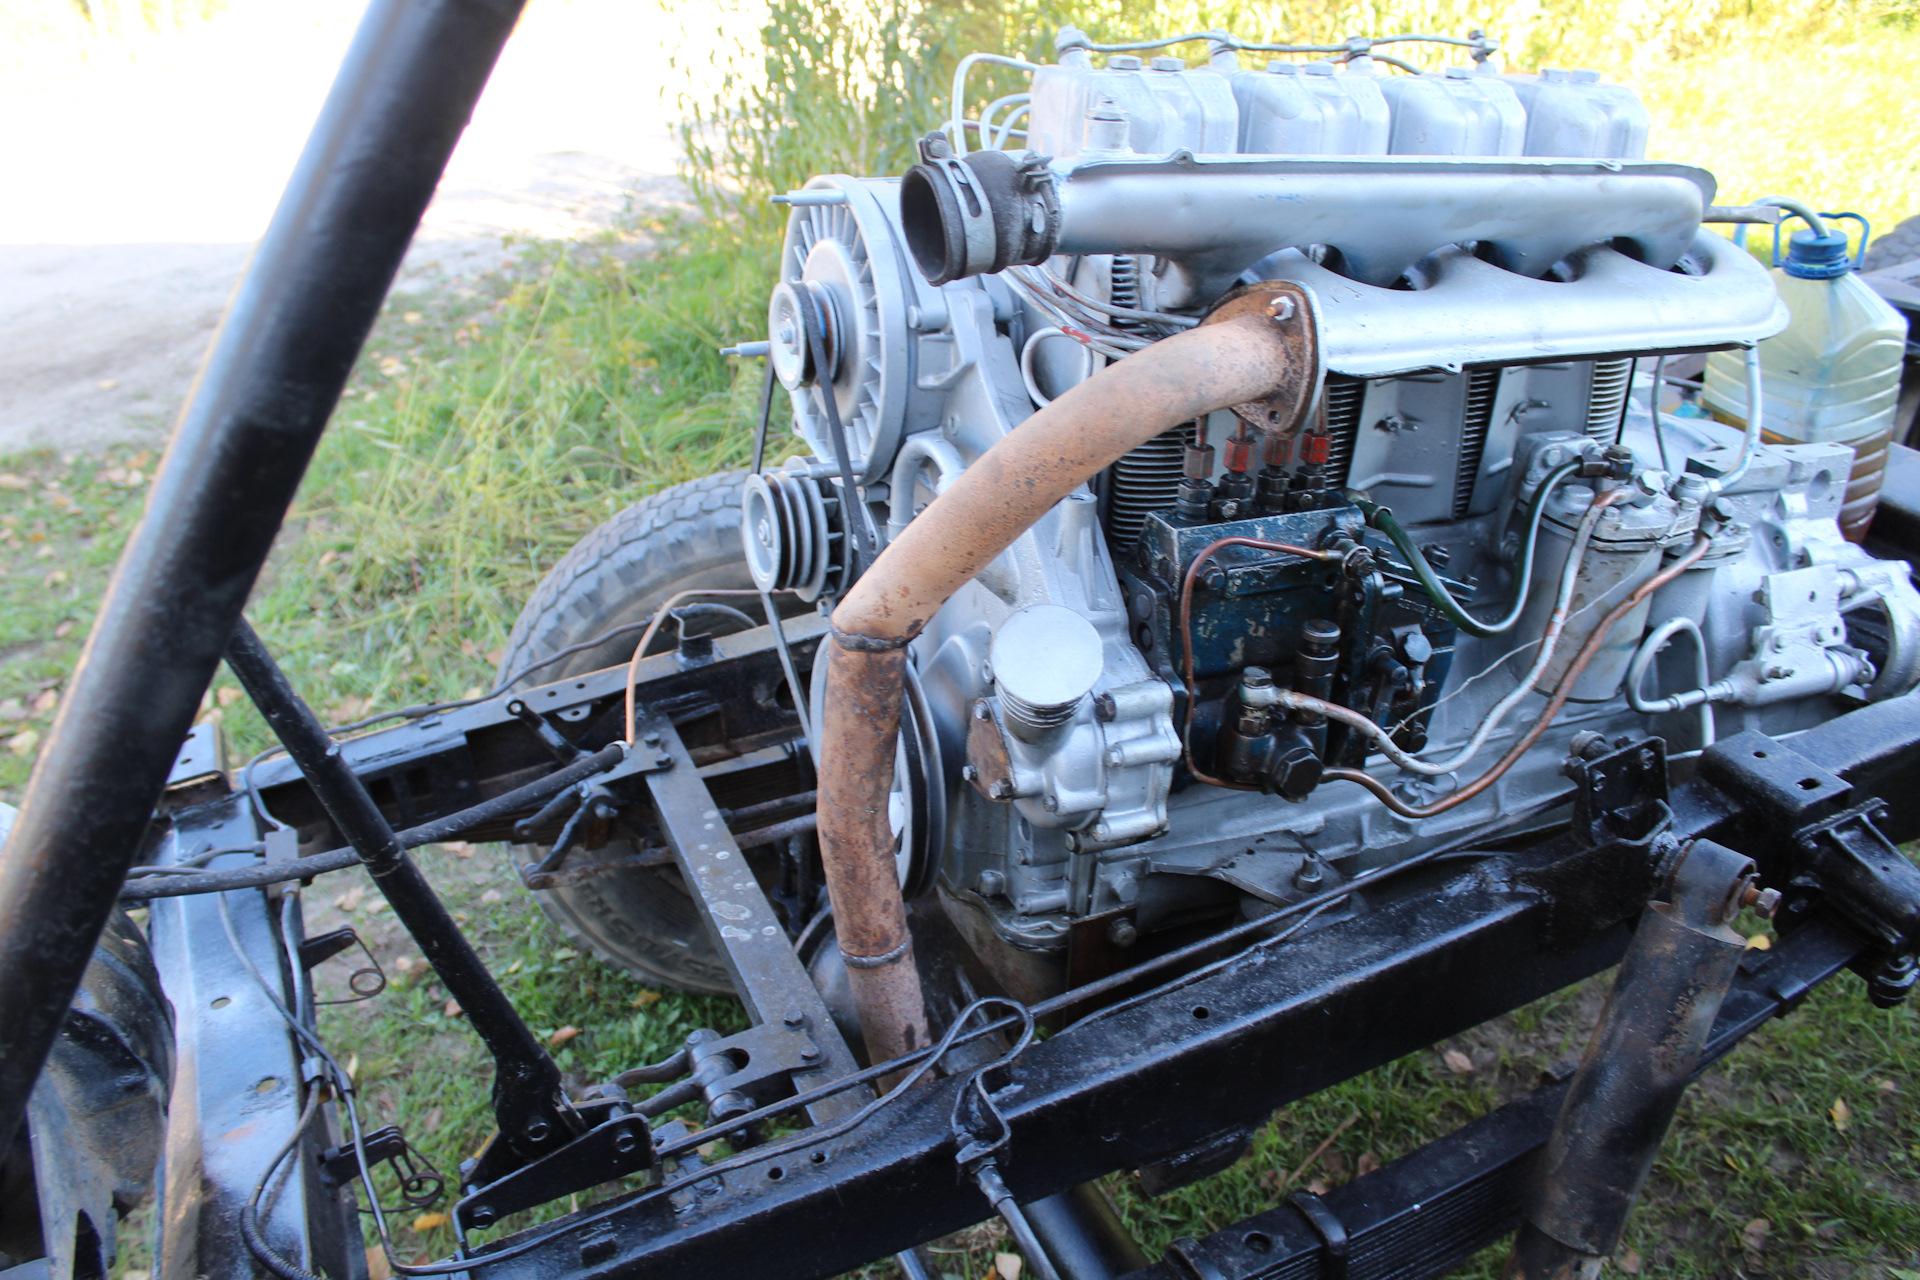 липы, каштаны уаз с двигателем от трактора фото сделать руки сильными